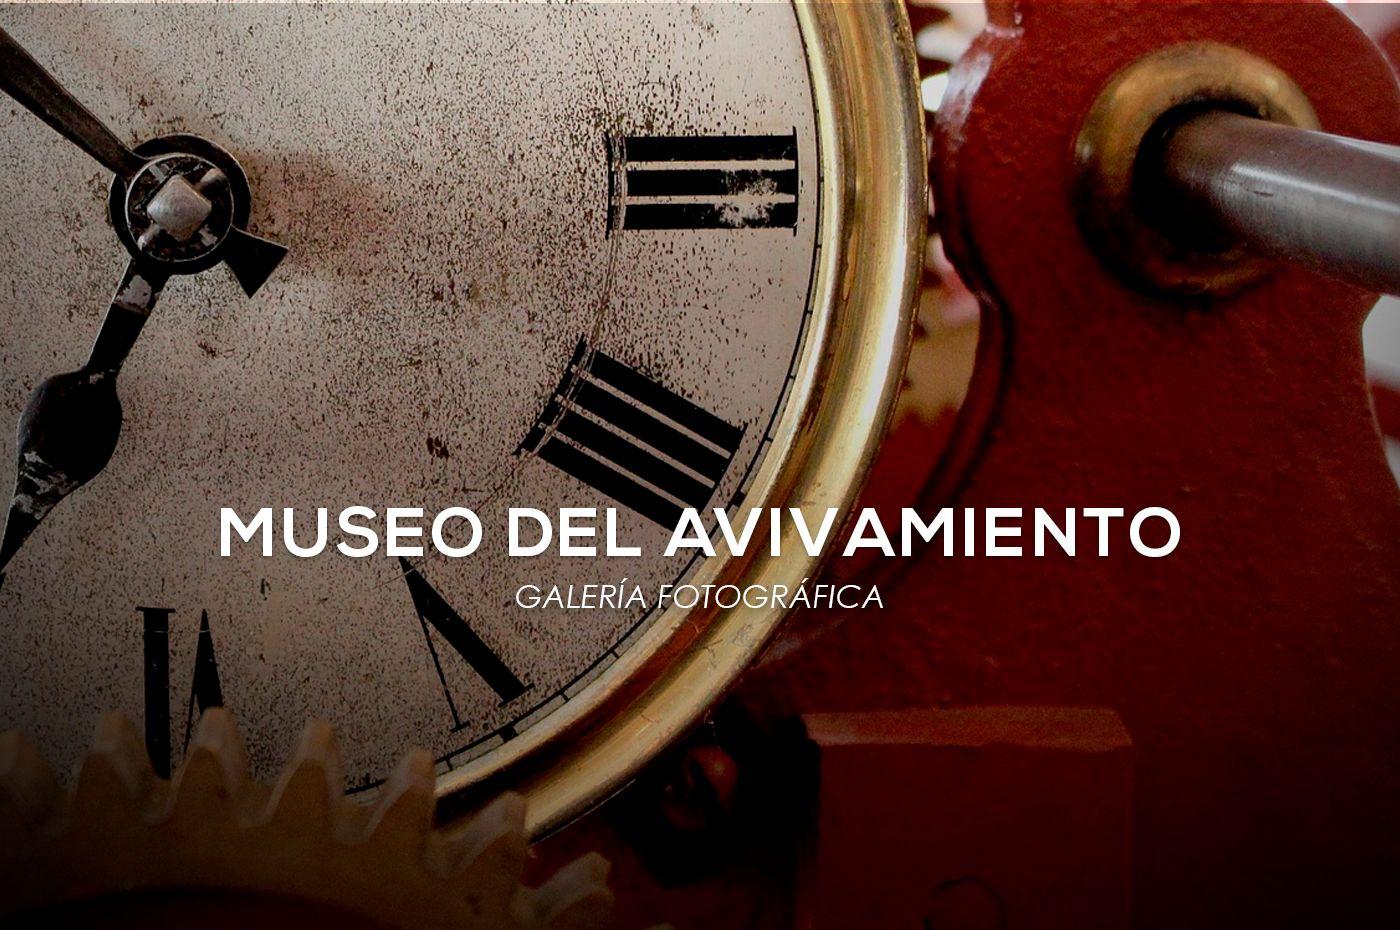 Museo de Avivamiento